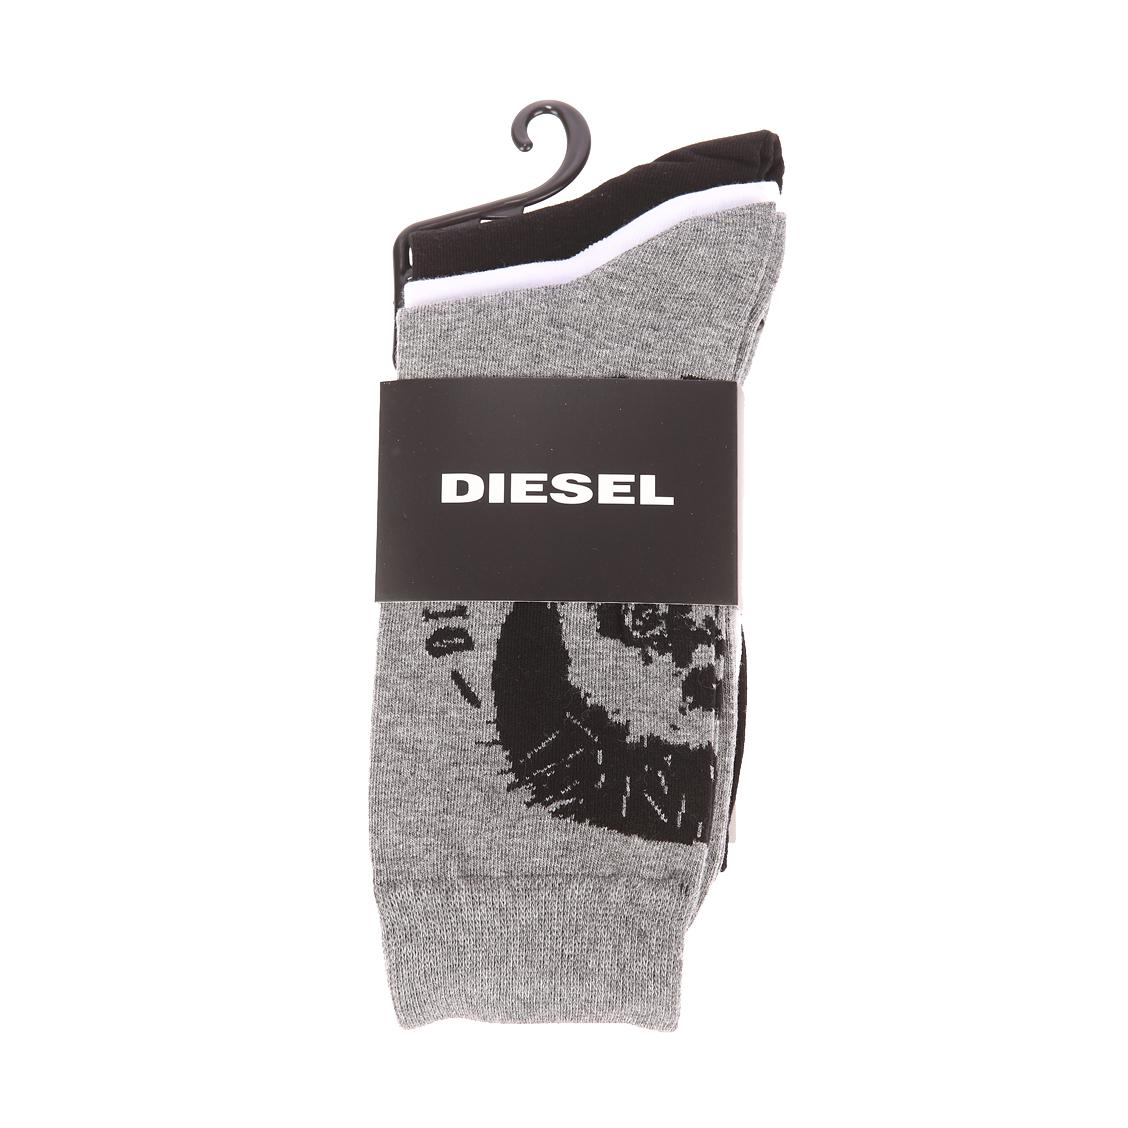 Lot de 3 paires de chaussettes diesel en coton et polyamide stretch noir, blanc et gris chiné